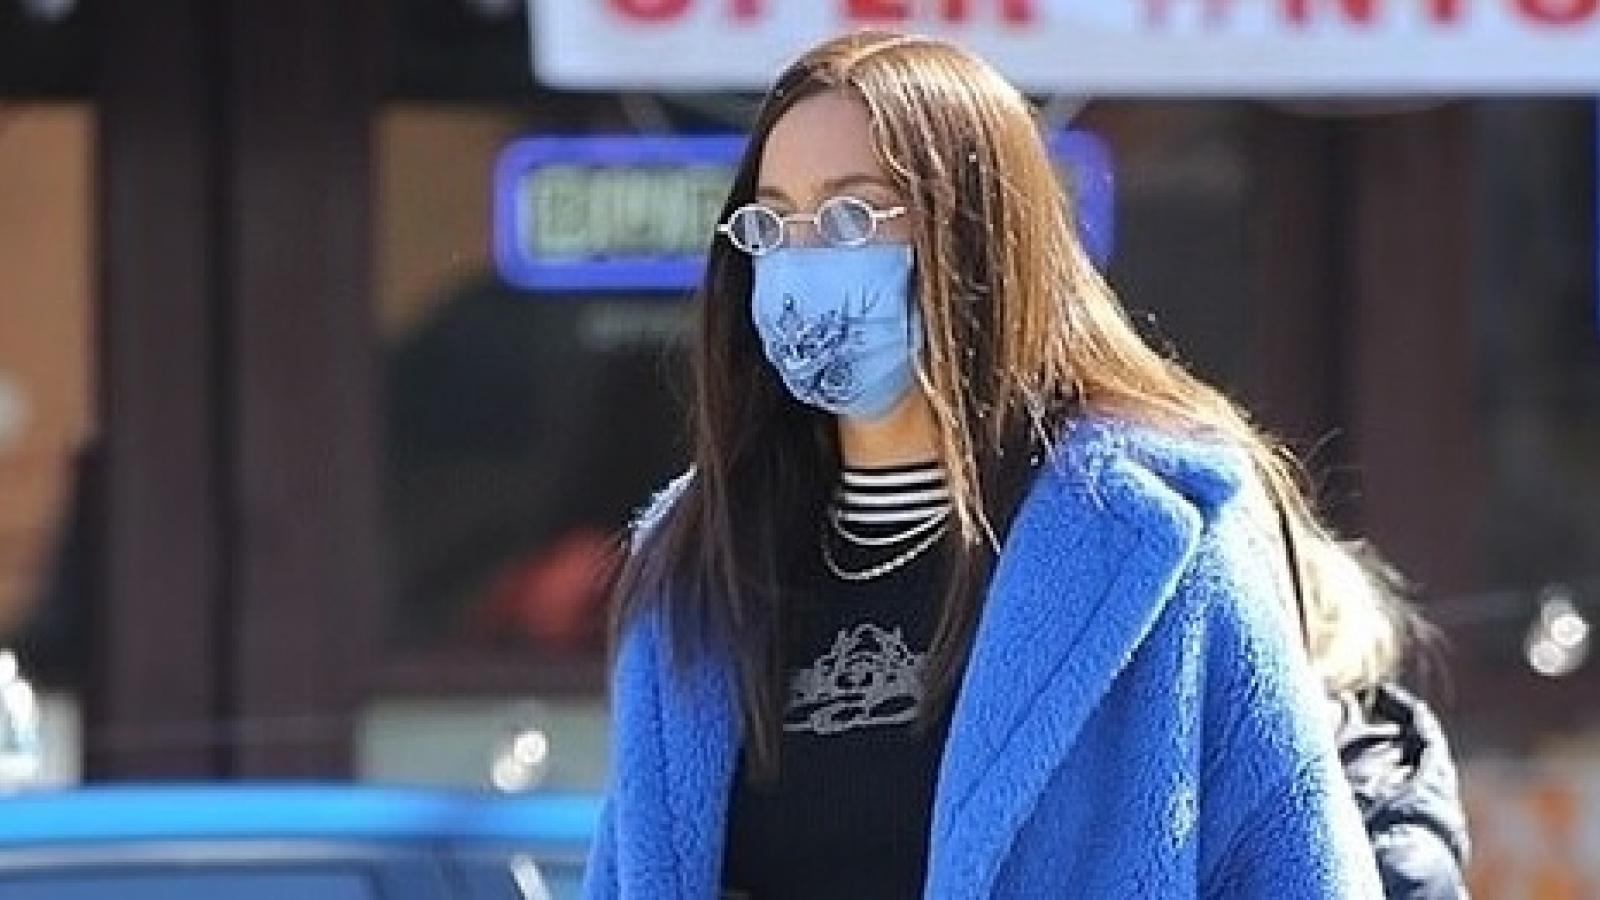 Siêu mẫu Irina Shayk sành điệu đến trường đón con gái cưng